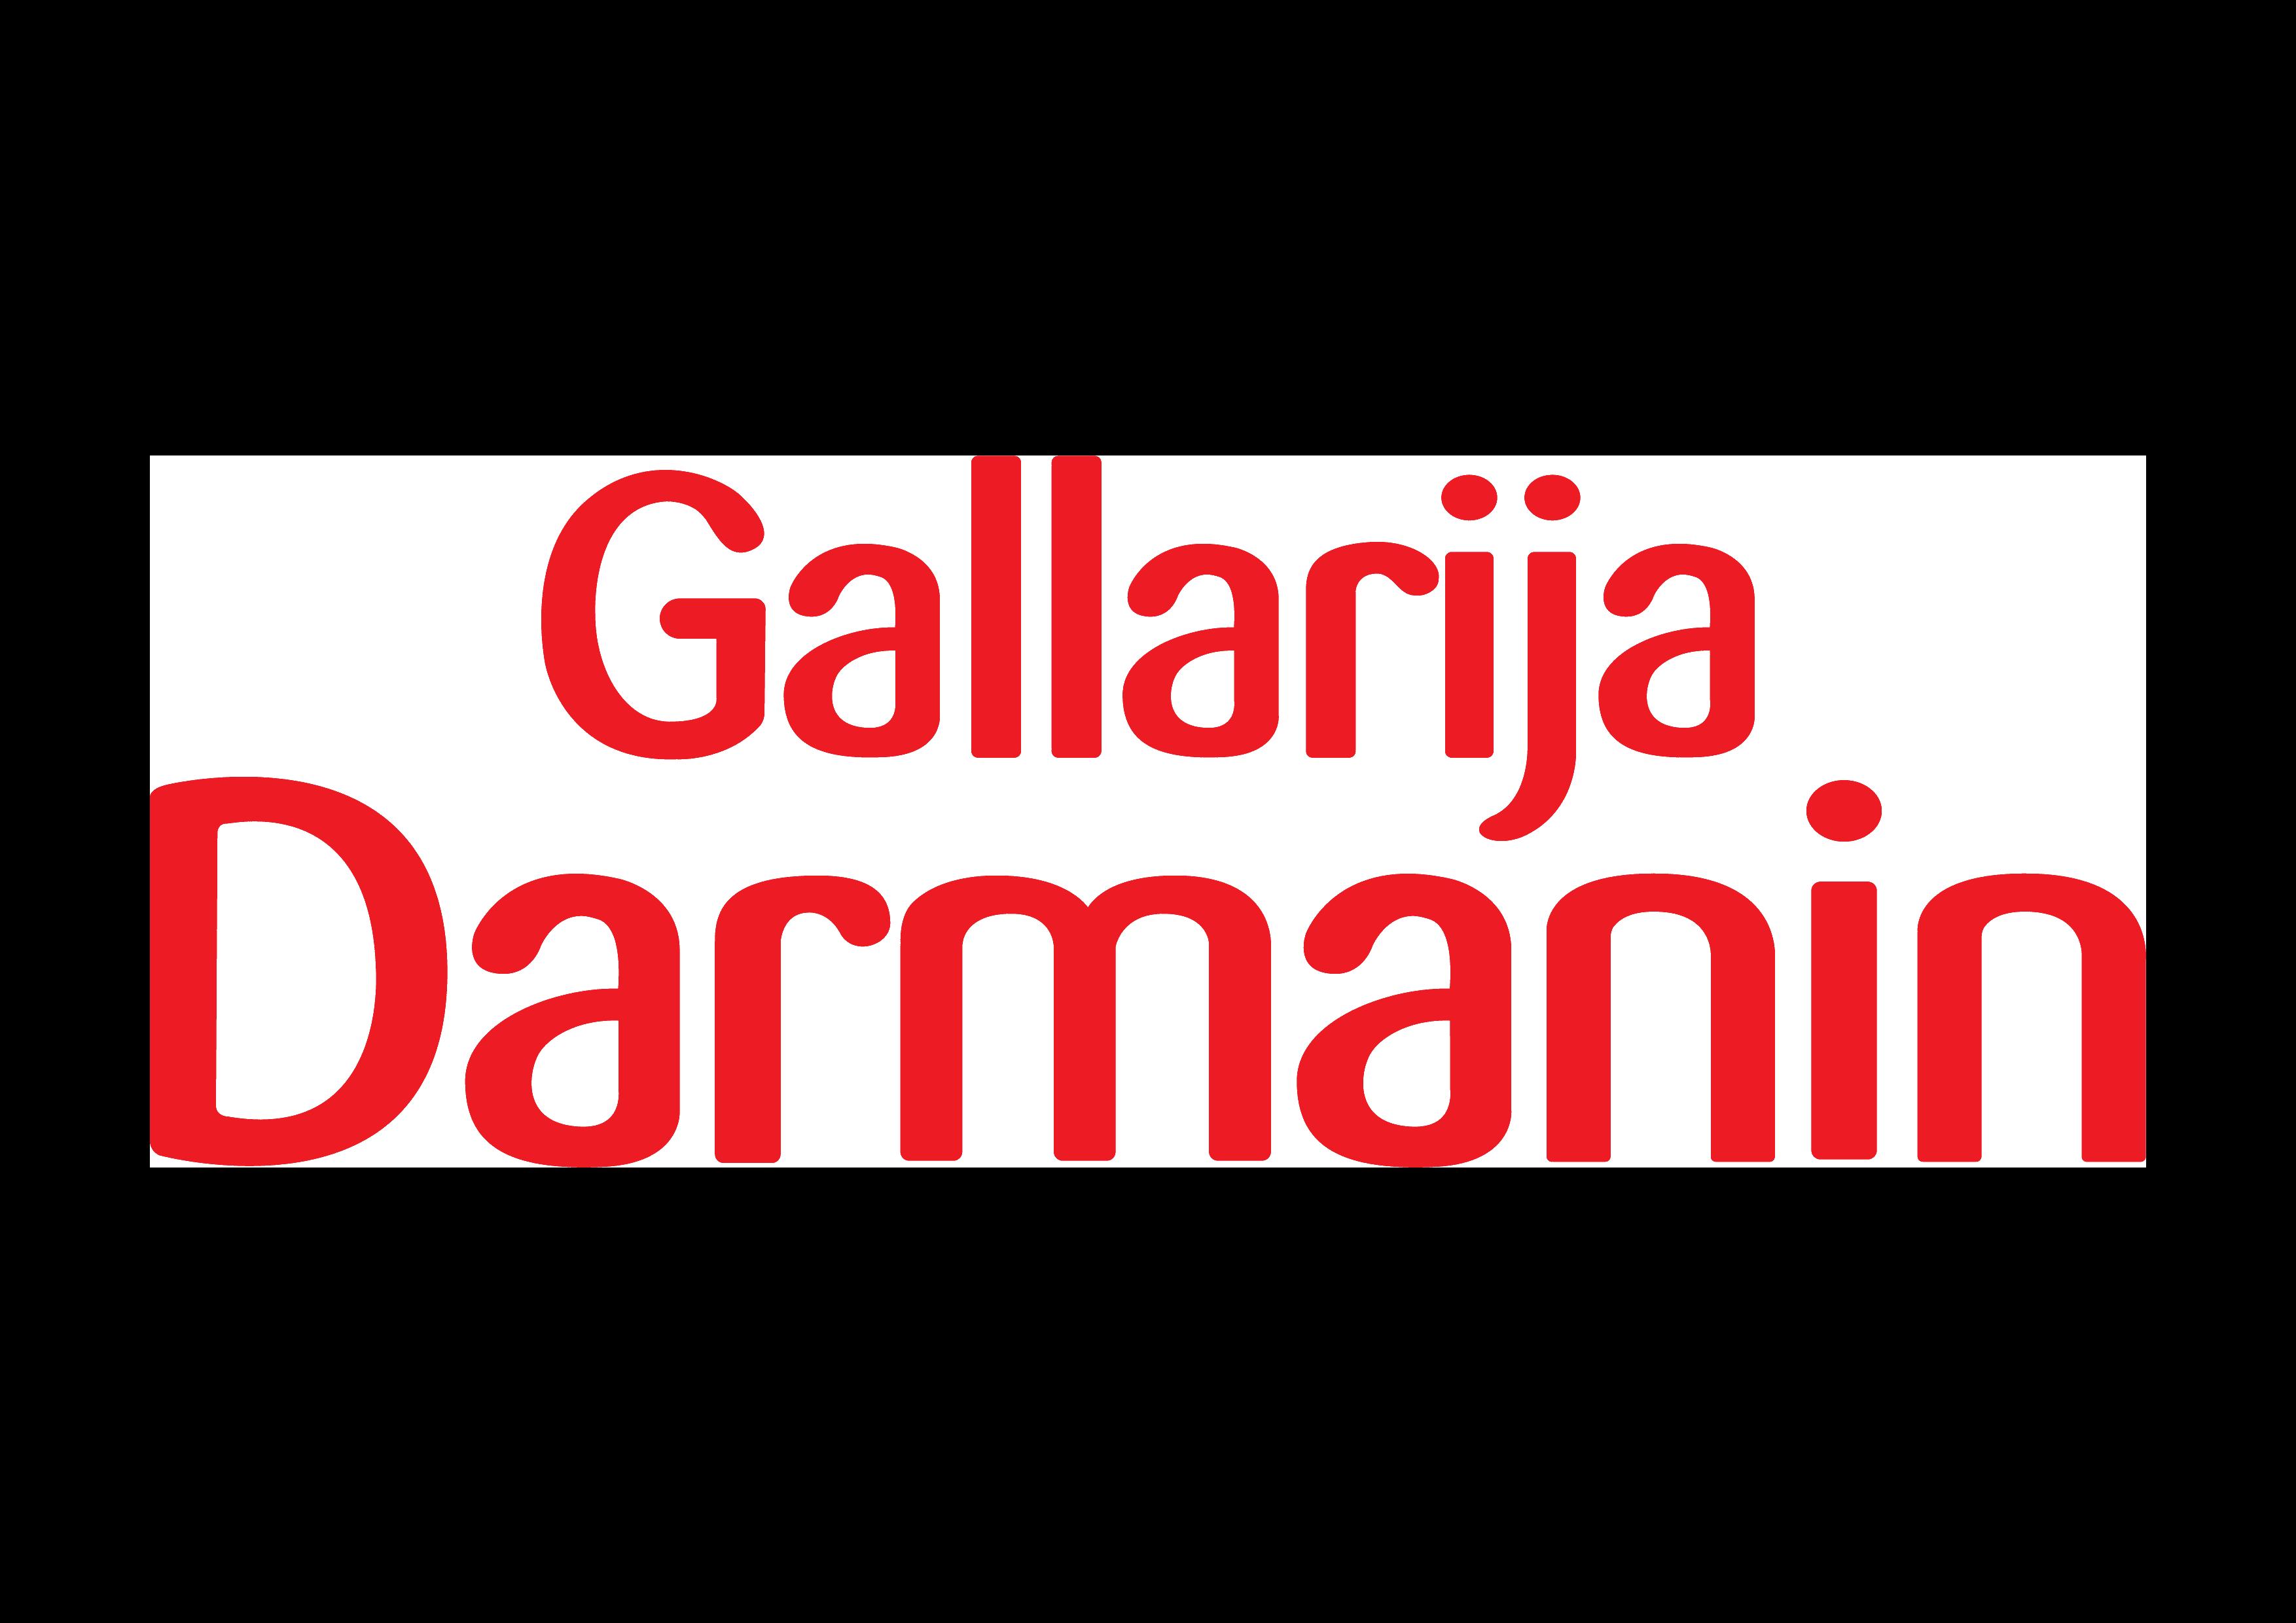 Gallarija Darmanin